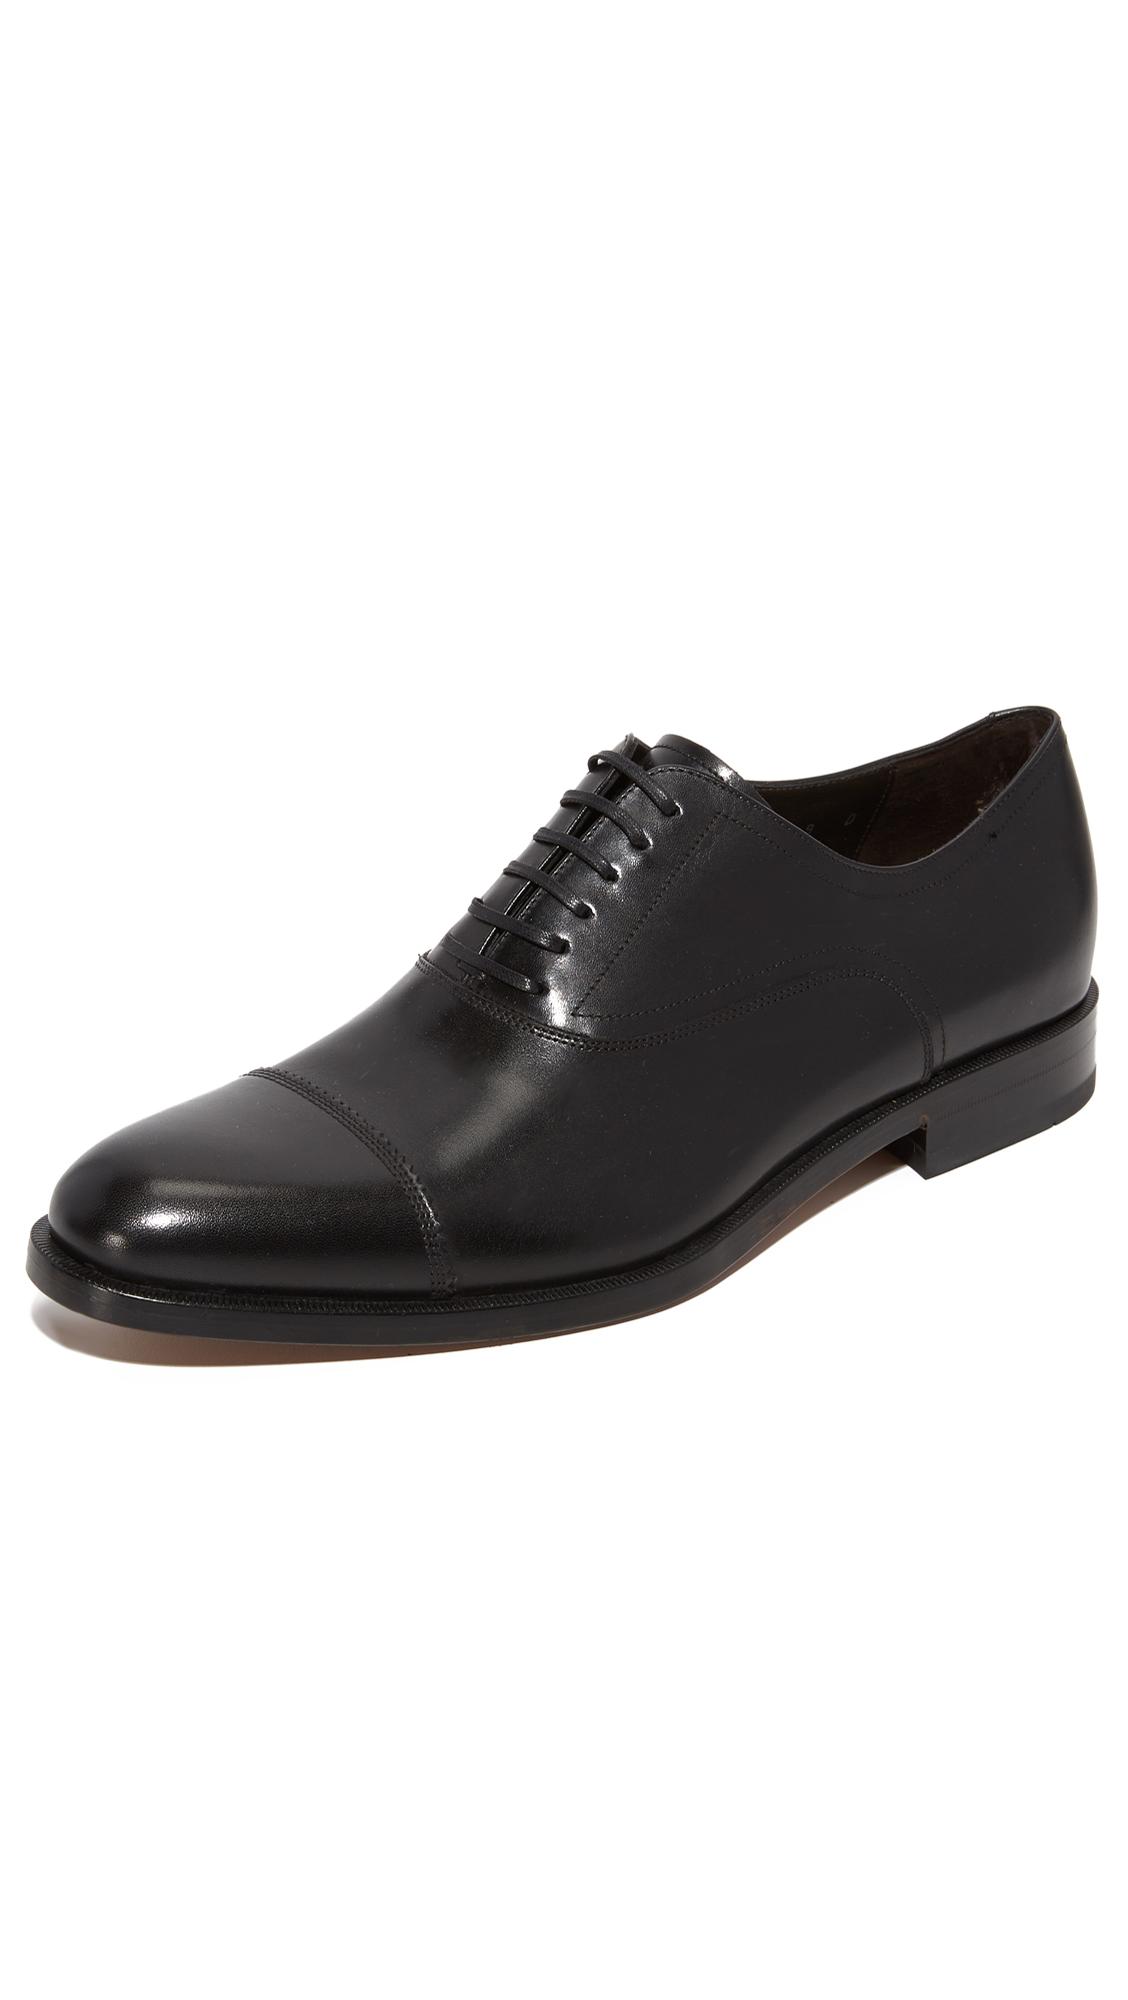 Salvatore Ferragamo Guru Cap Toe Lace Up Shoes